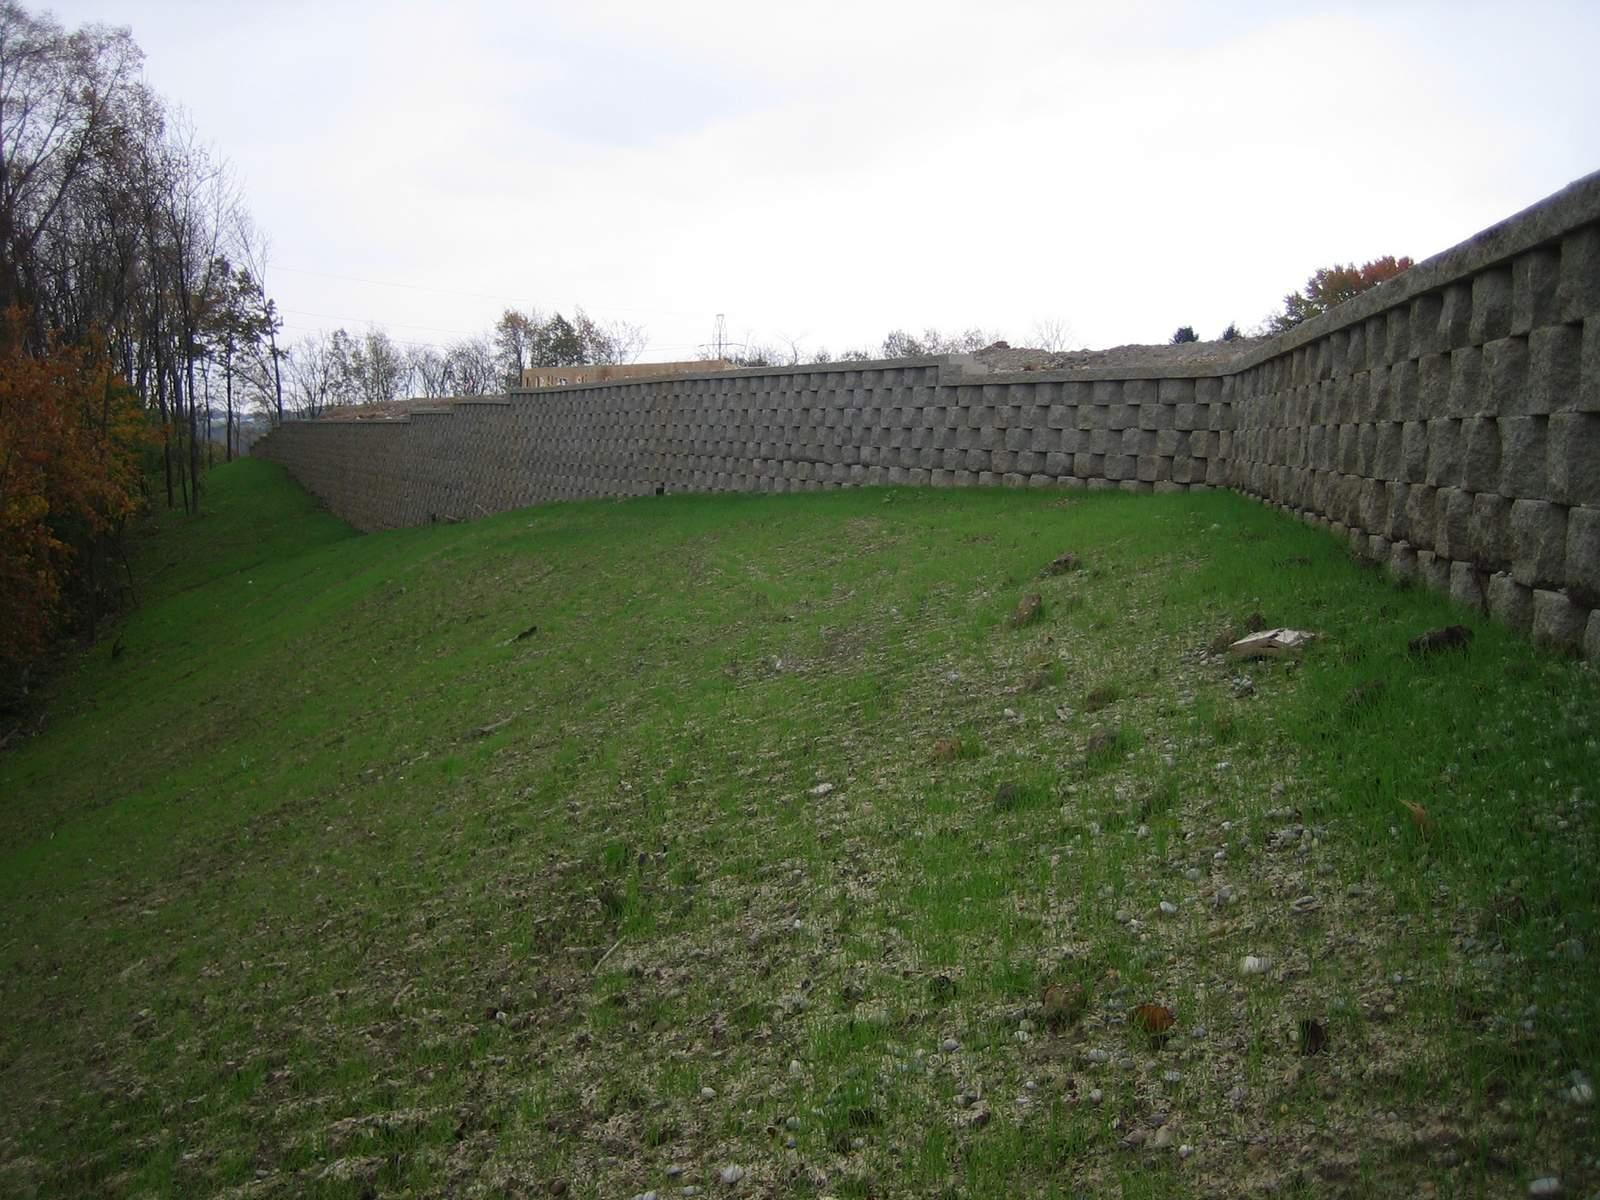 Keystone Compaq retaining wall